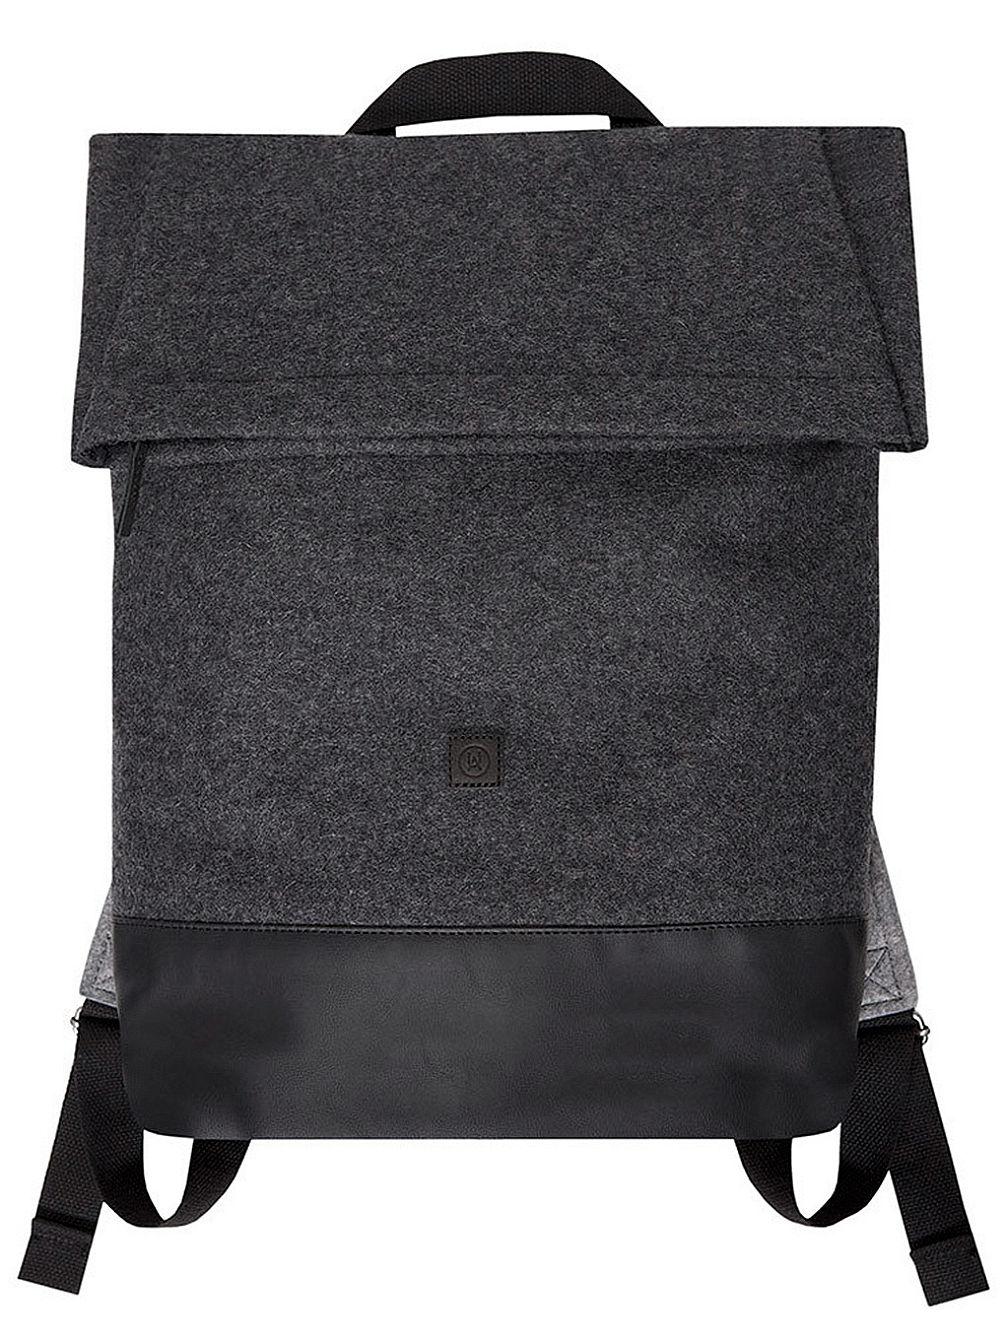 ucon-kasper-backpack